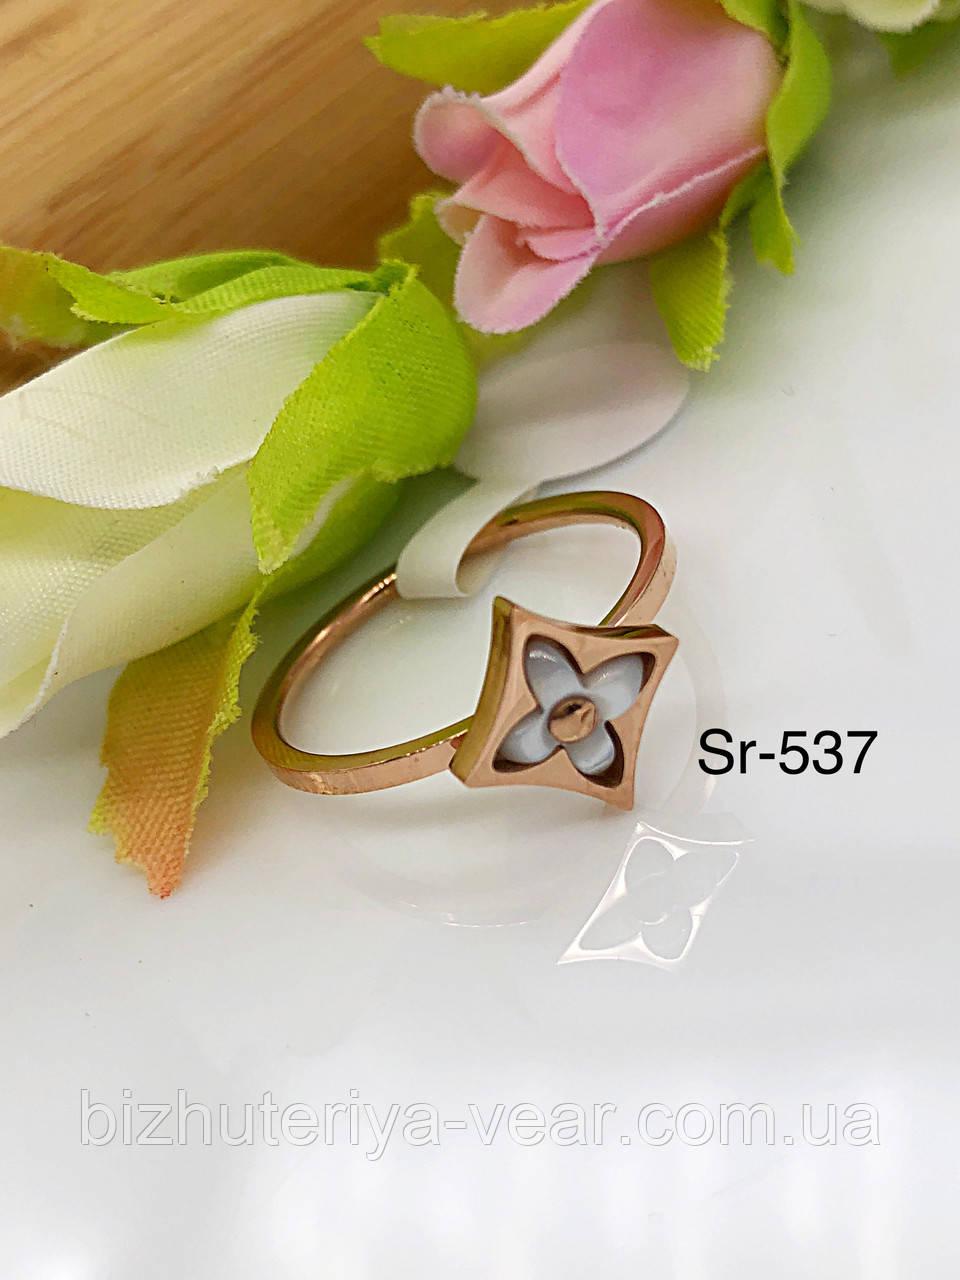 Кольцо Sr-537(6,7,8)